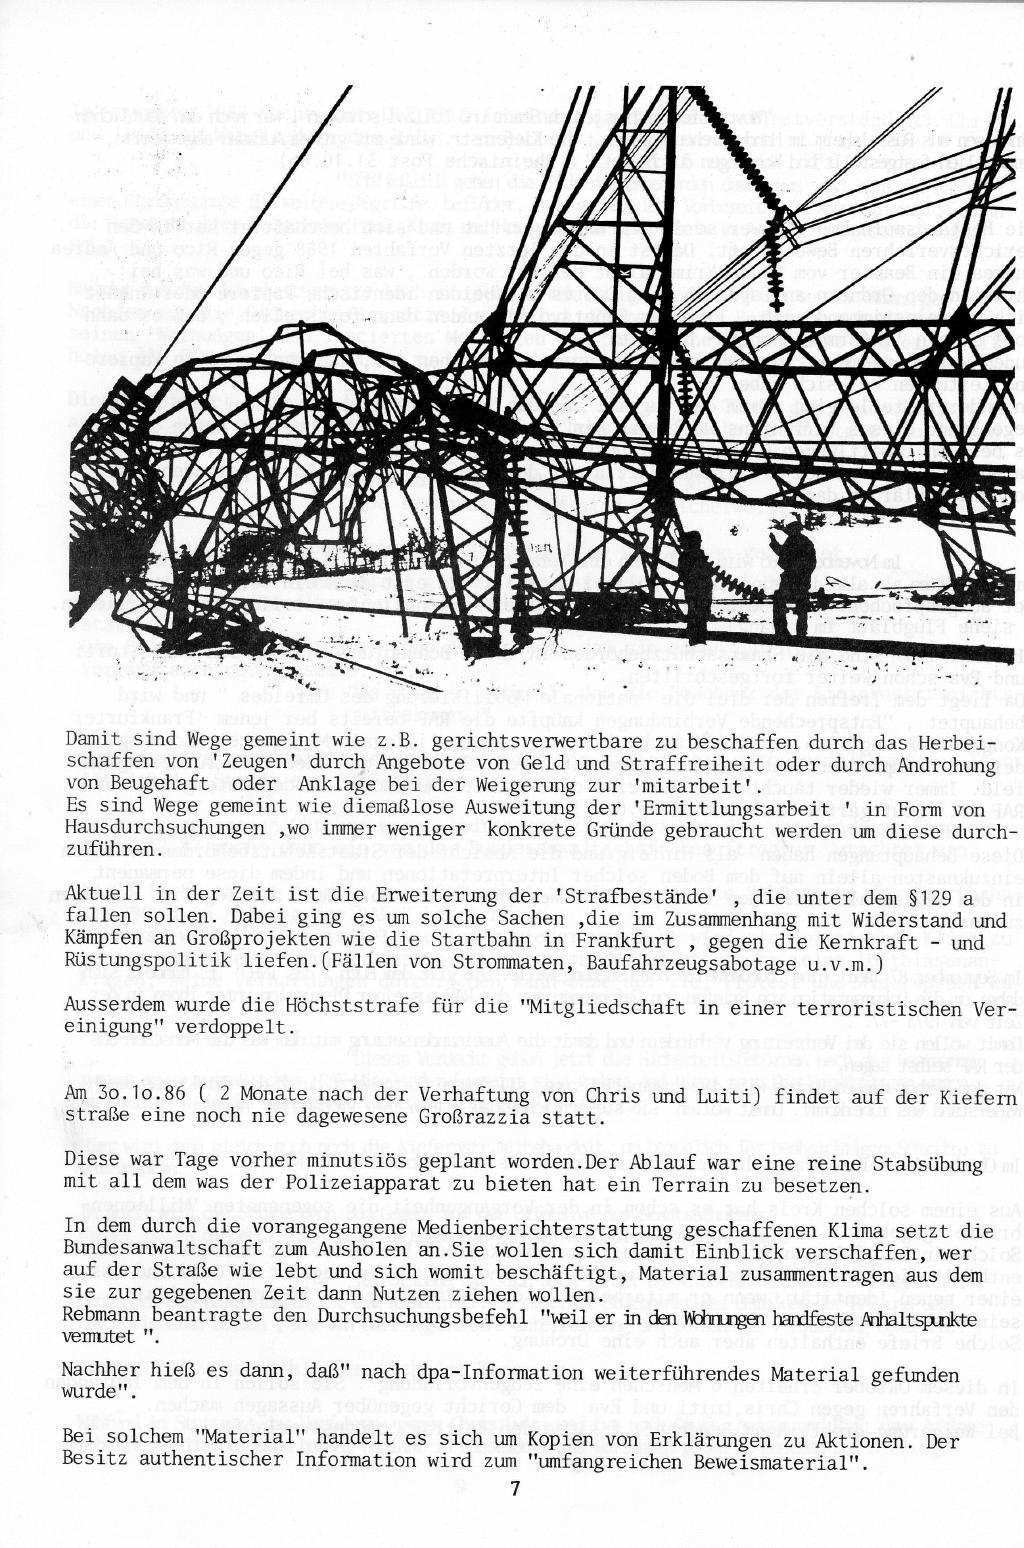 Duesseldorf_1989_Sechs_Politische_Gefangene_007